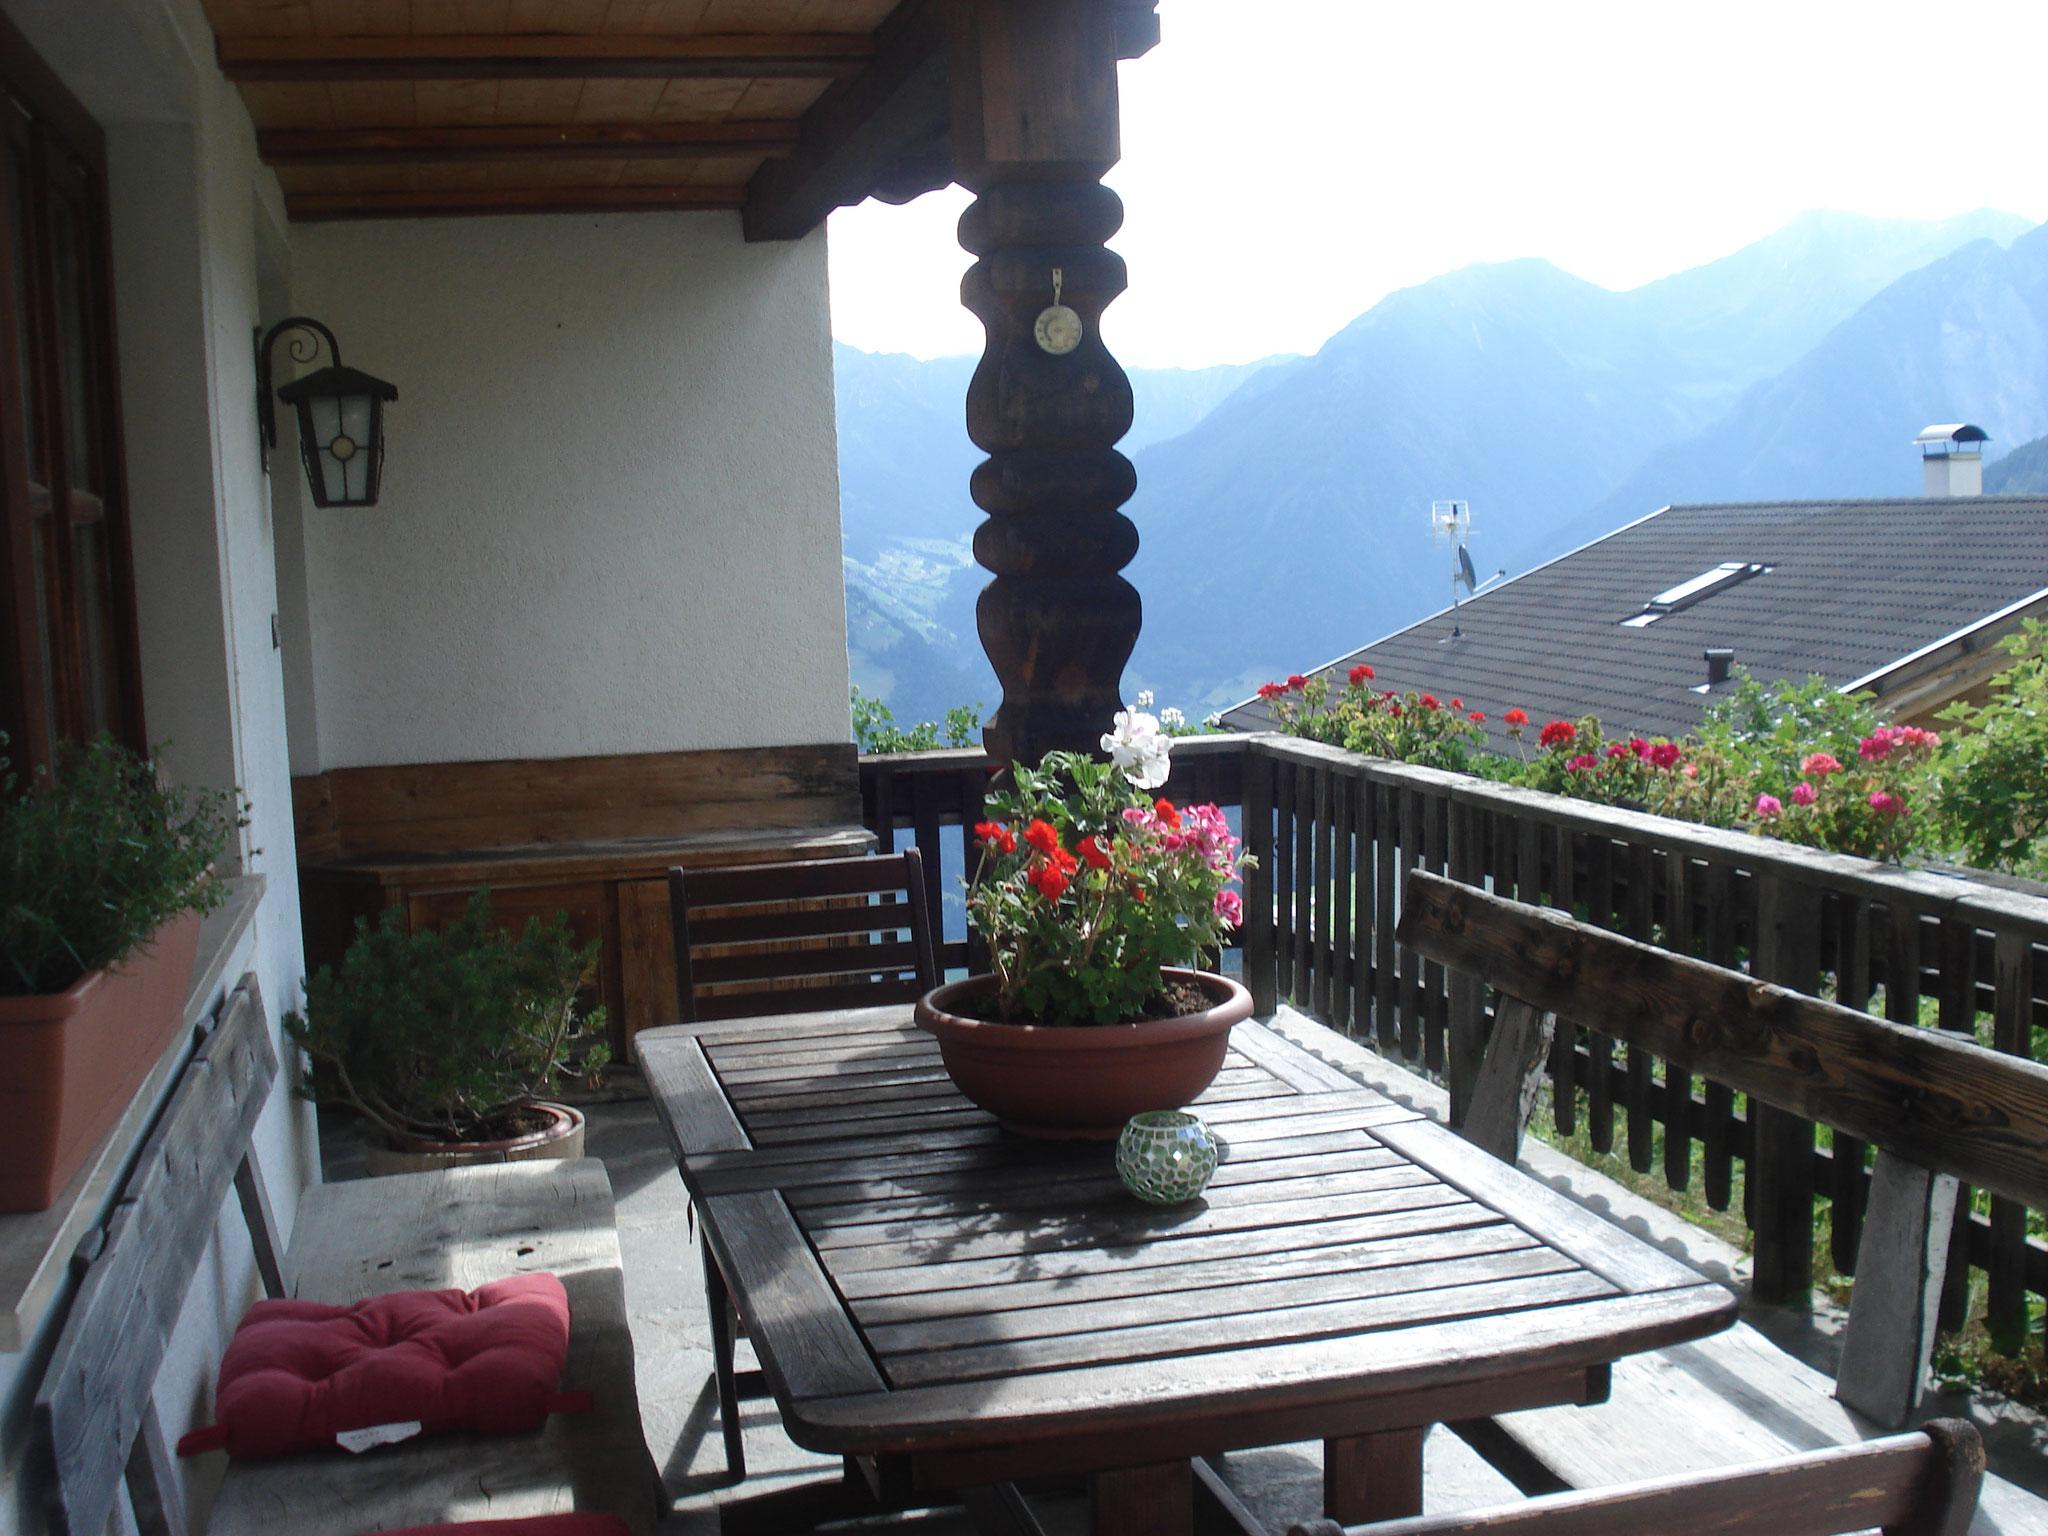 Die Terrasse, die zur Ferienwohnung gehört